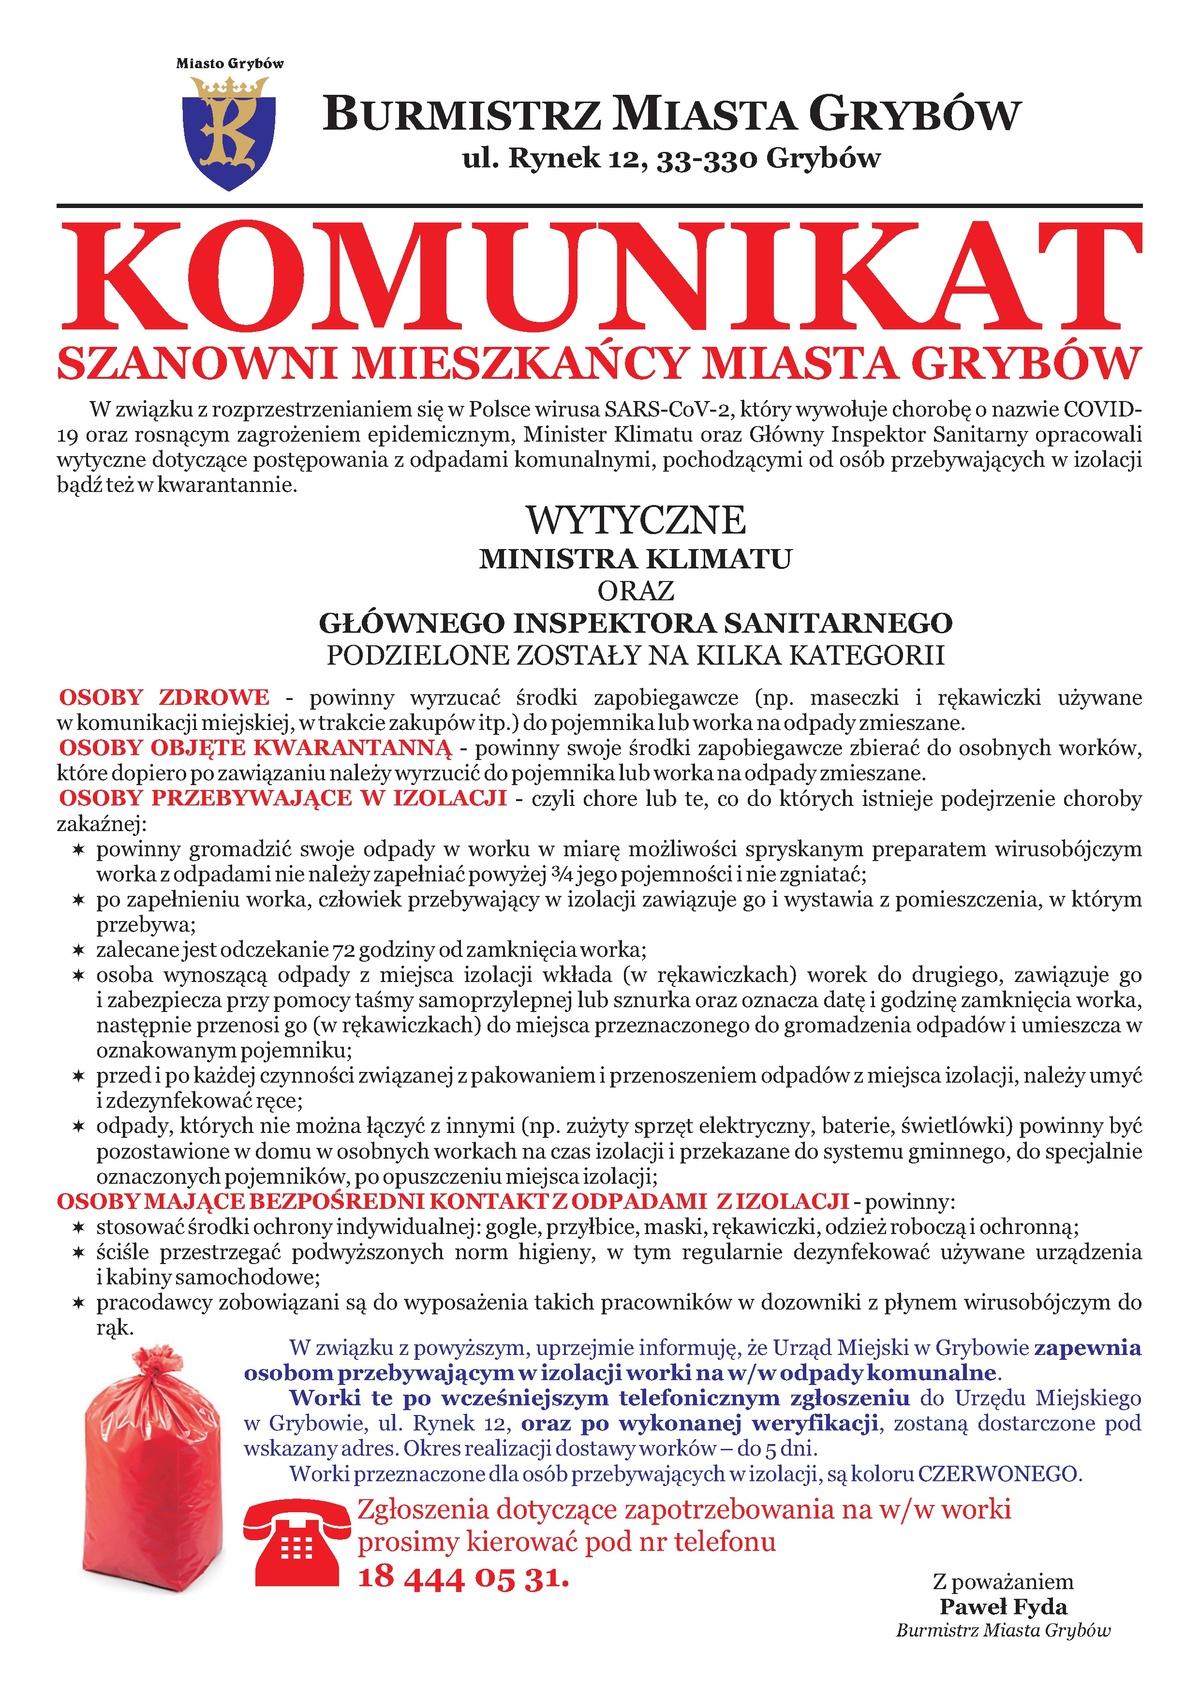 Plakat: Jak postępować zodpadami medycznymi?